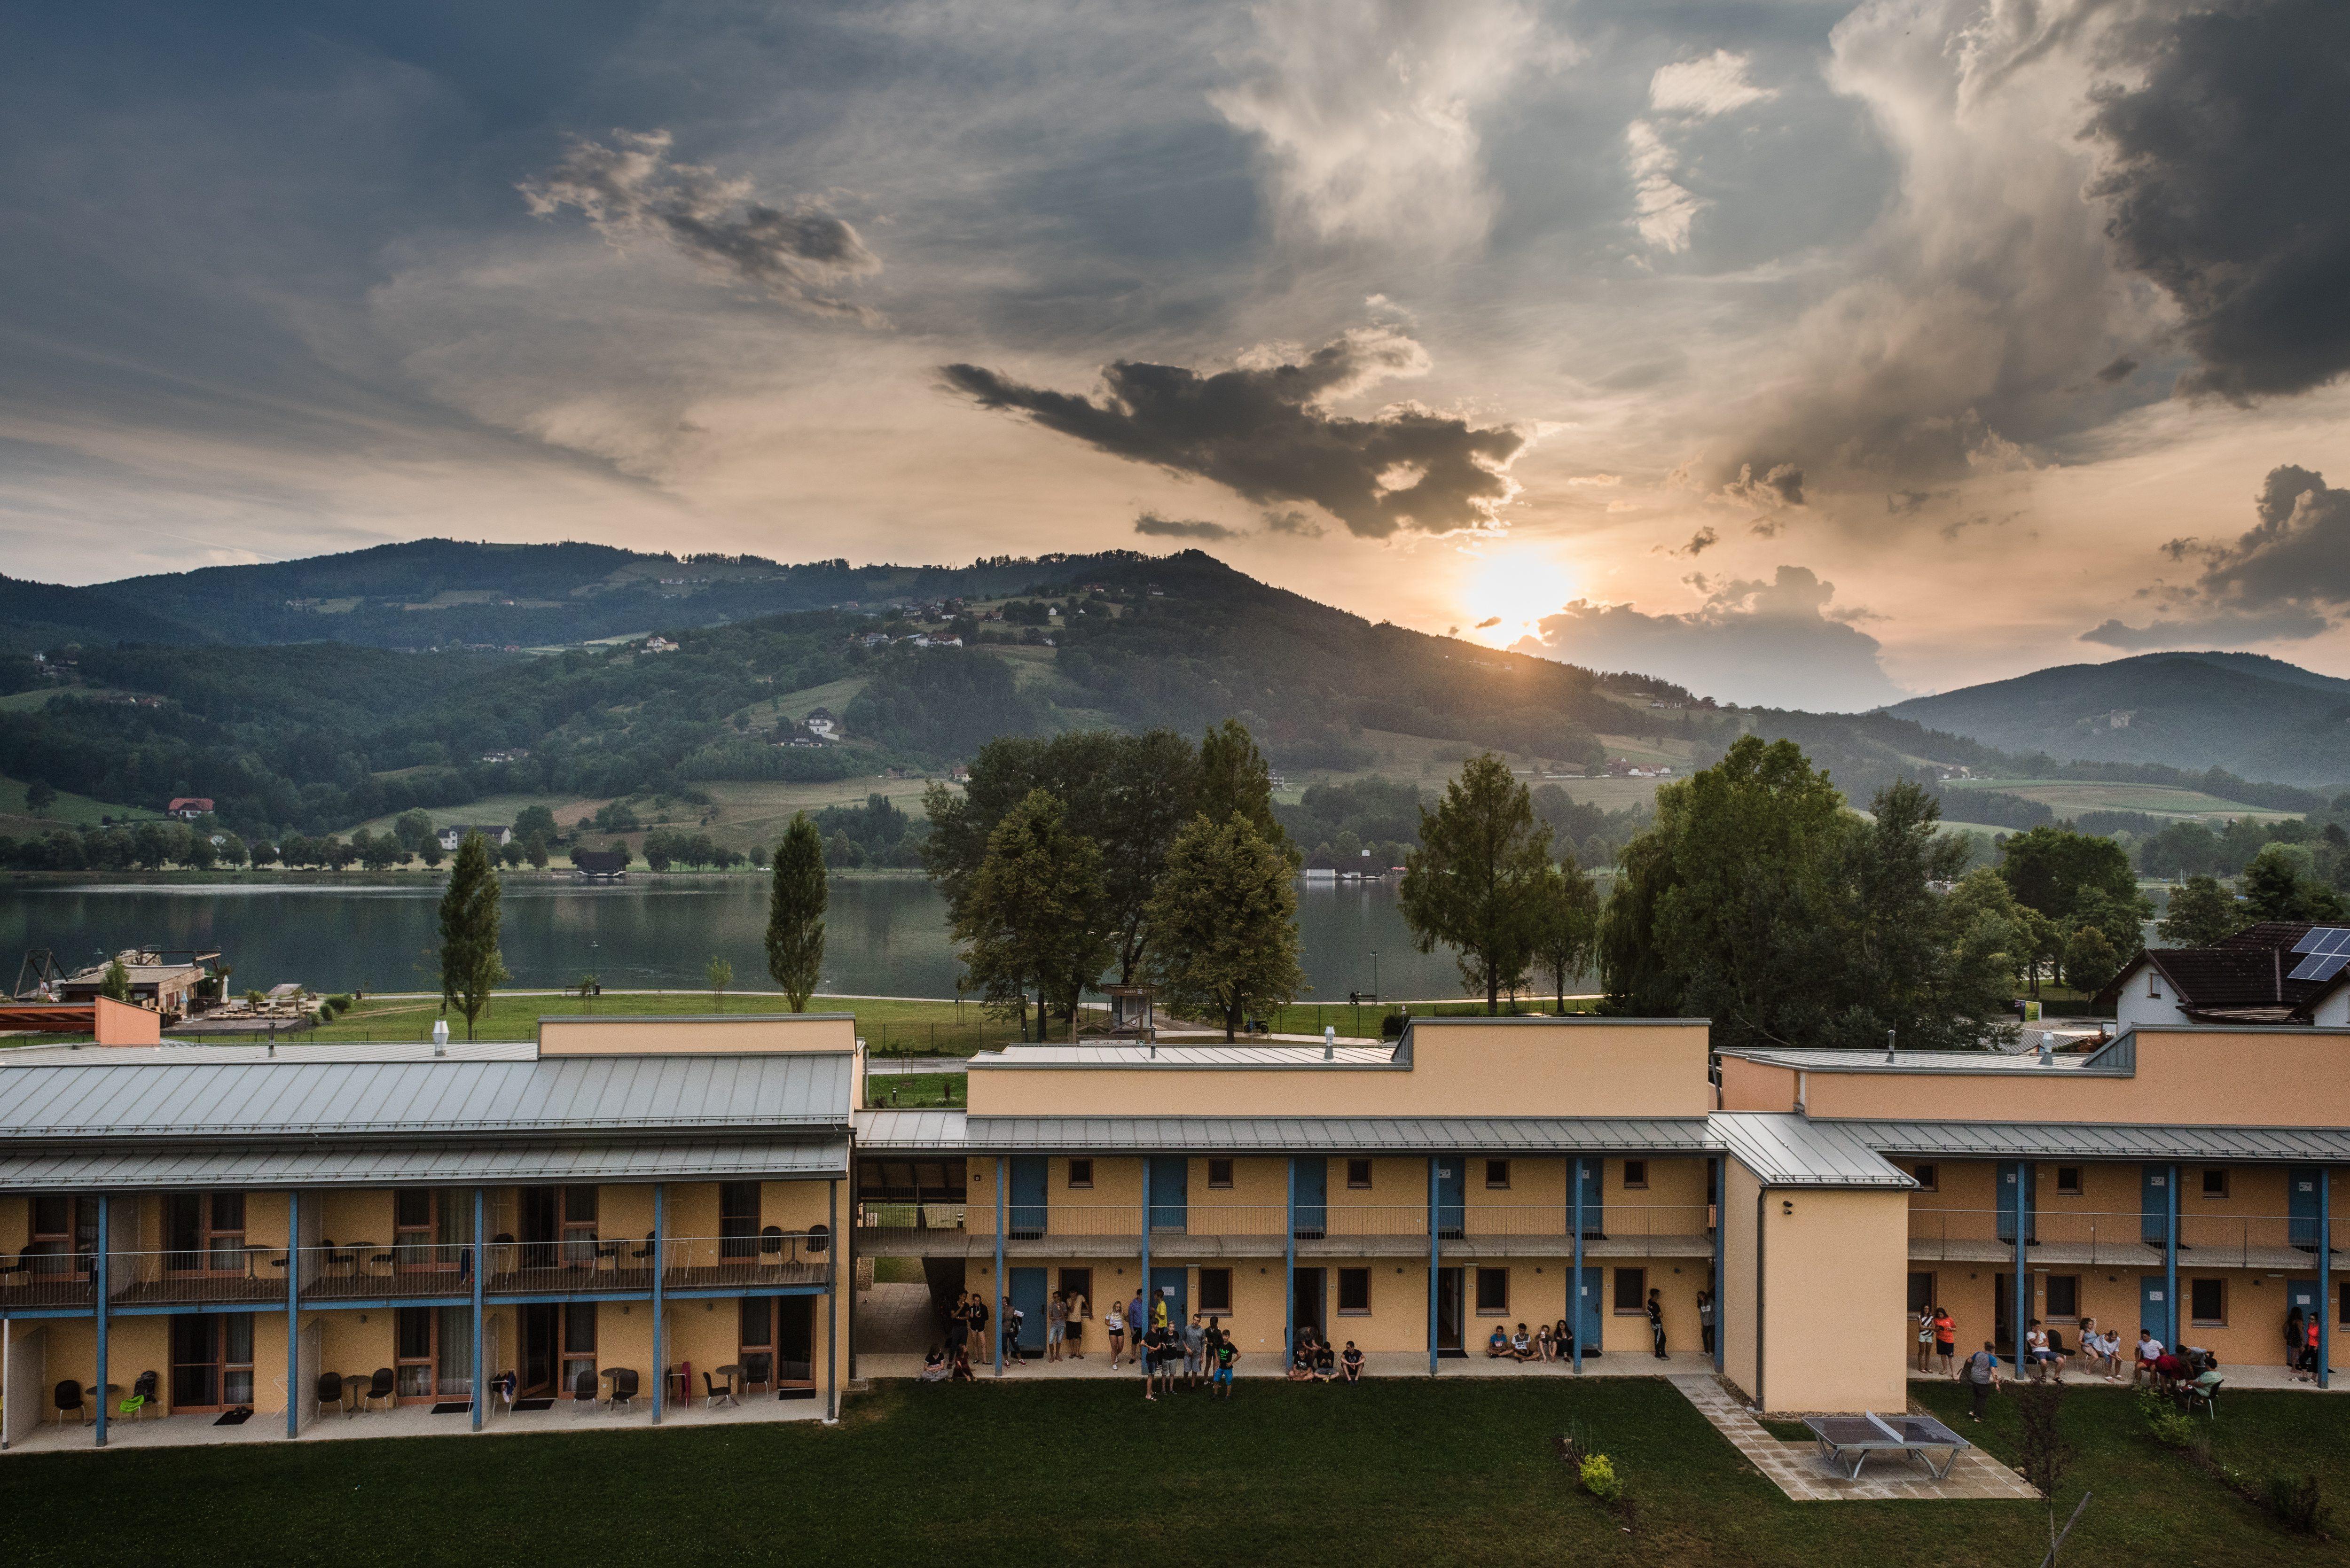 Sie sehen eine Außenansicht vom JUFA Hotel Stubenbergsee mit Seeblick im Sommer. JUFA Hotels bietet kinderfreundlichen und erlebnisreichen Urlaub für die ganze Familie.